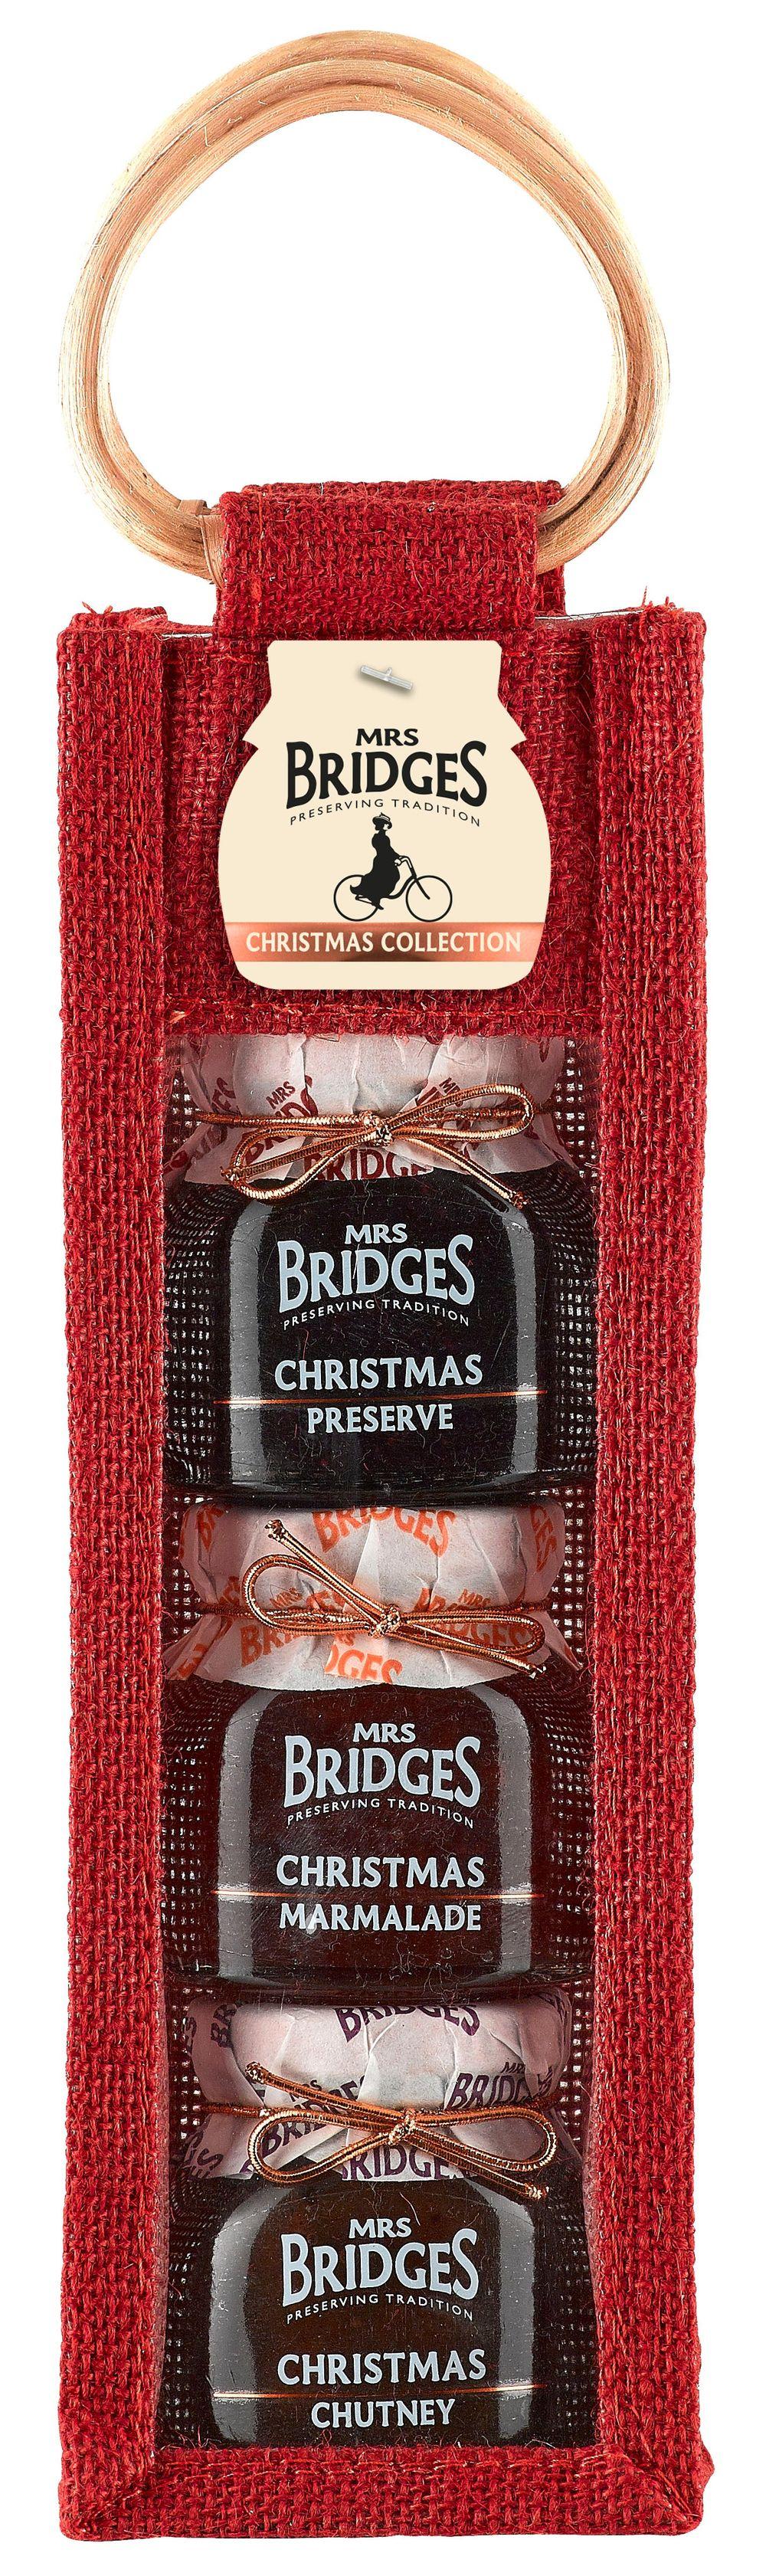 Triple Jar Jute Bag - Christmas Collection